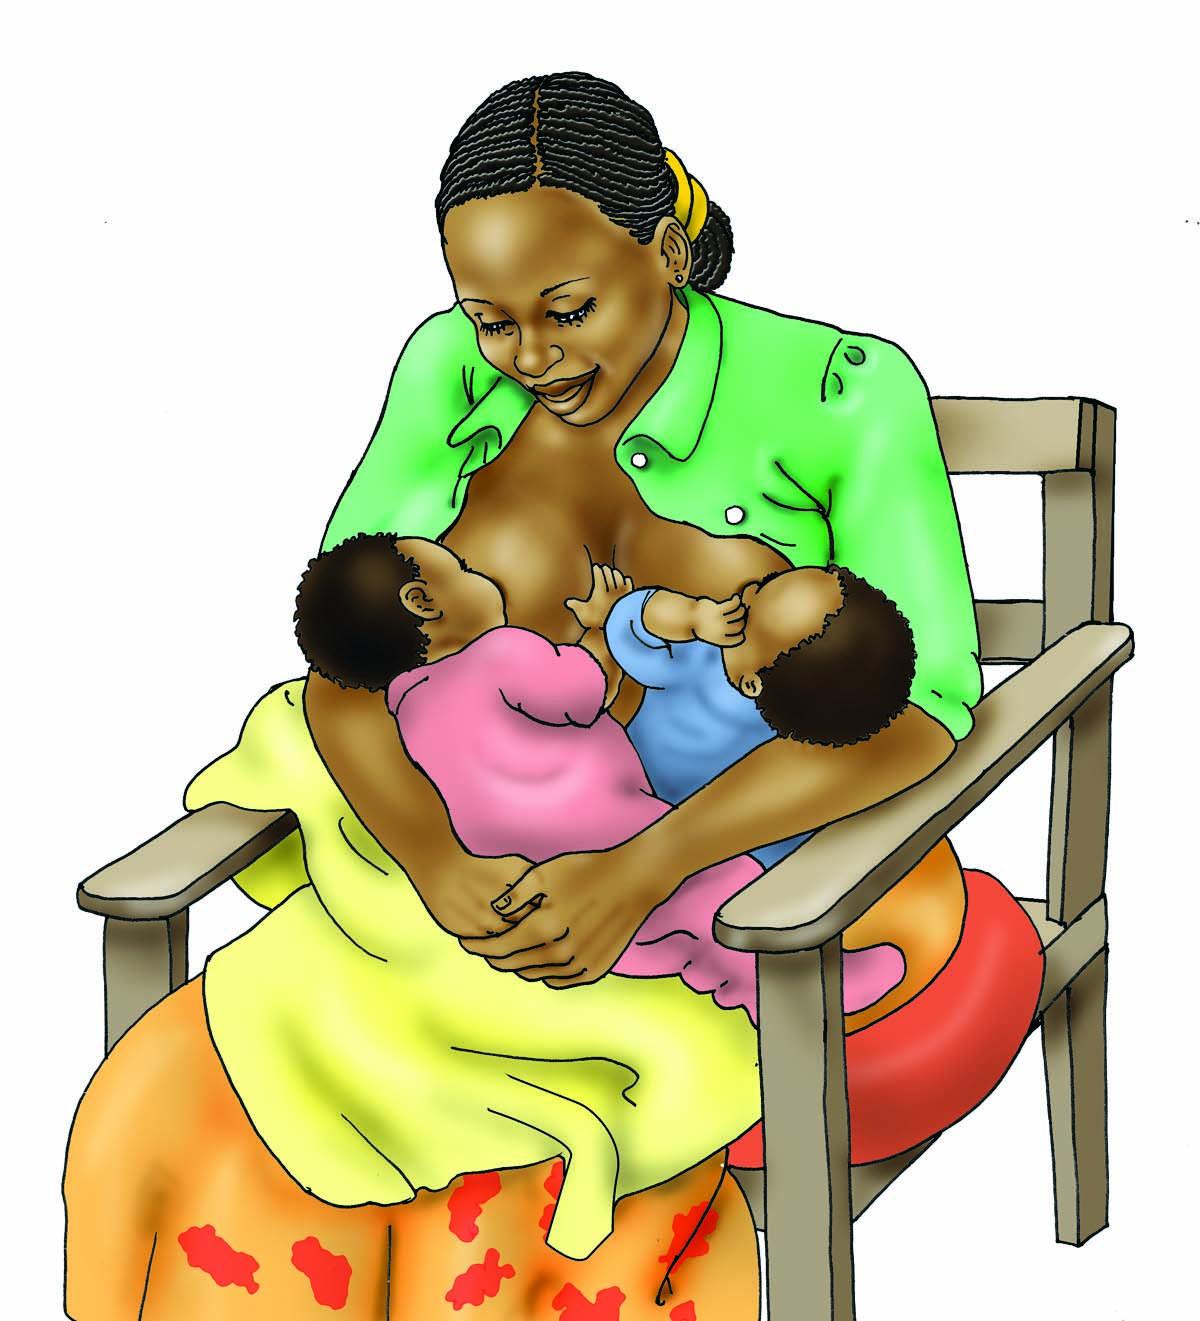 breastfeeding nutrition unicef - HD1200×1321